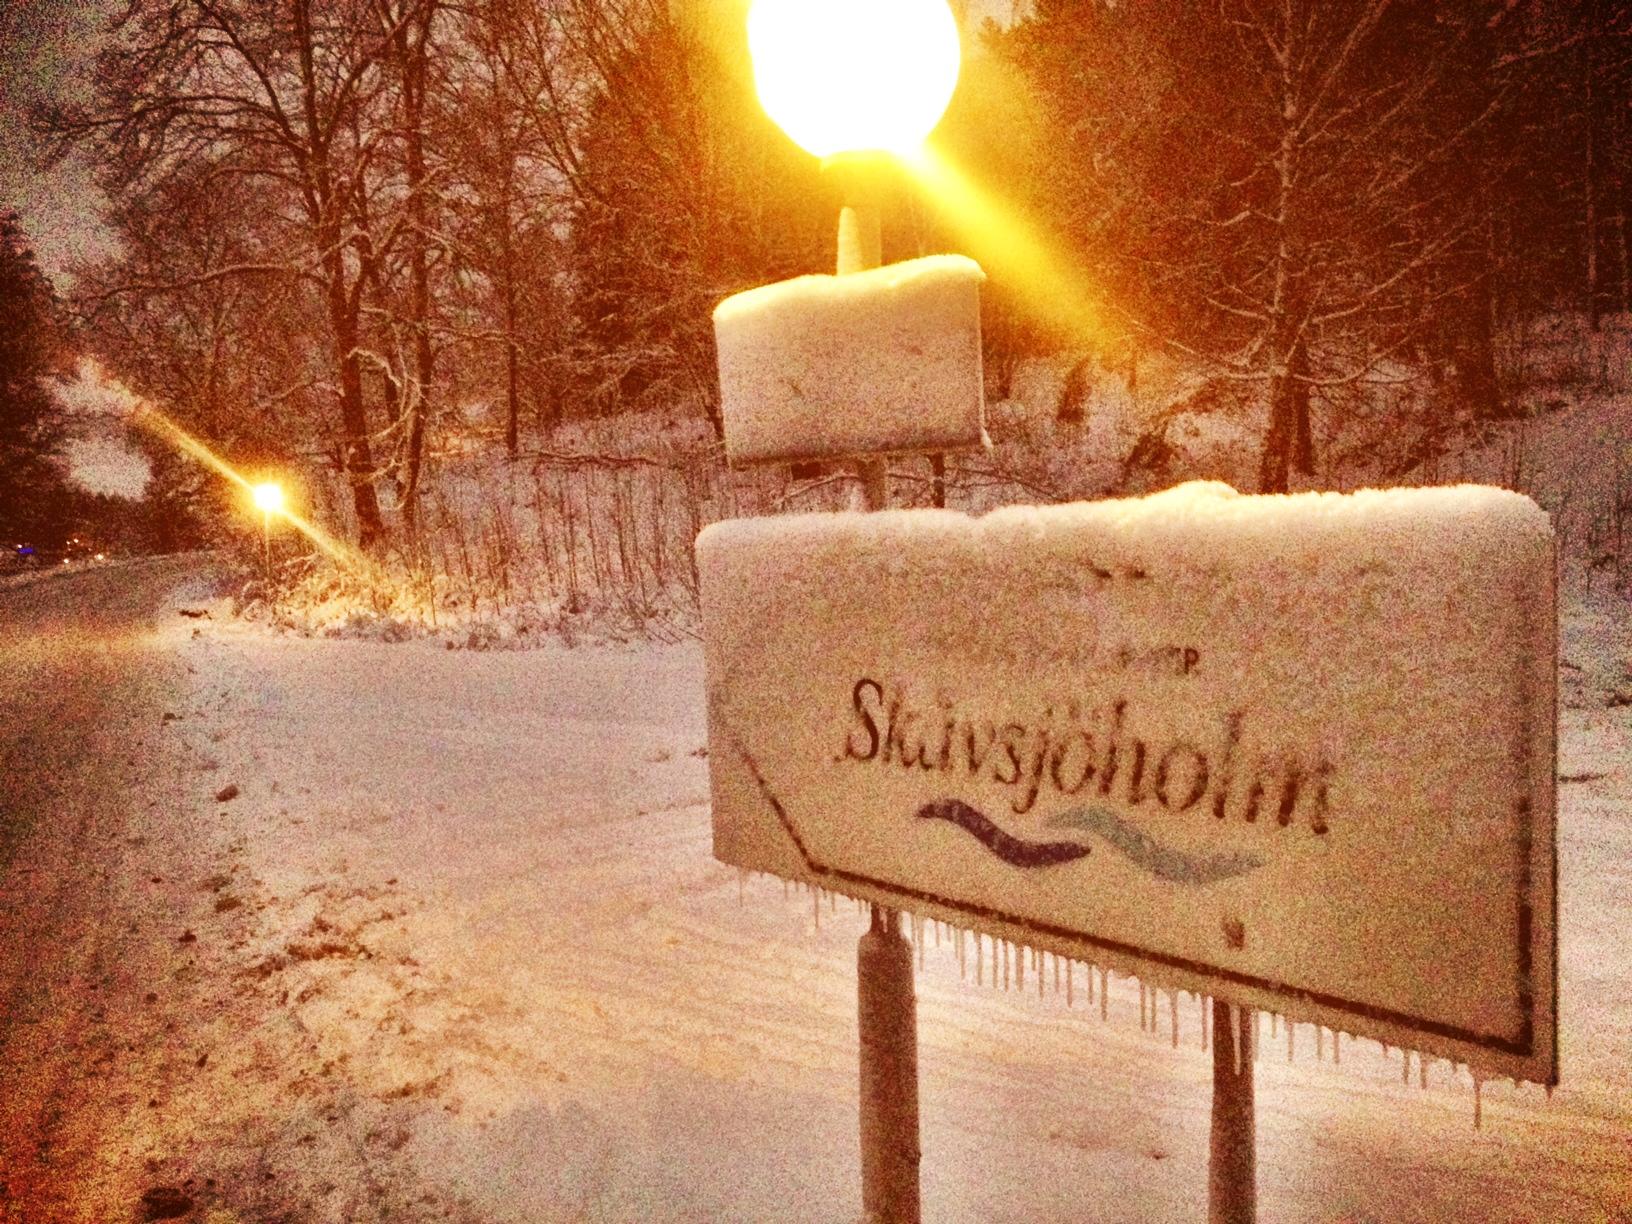 Skåvsjöholm_24h_Berghs_Feffe_Kaufmann